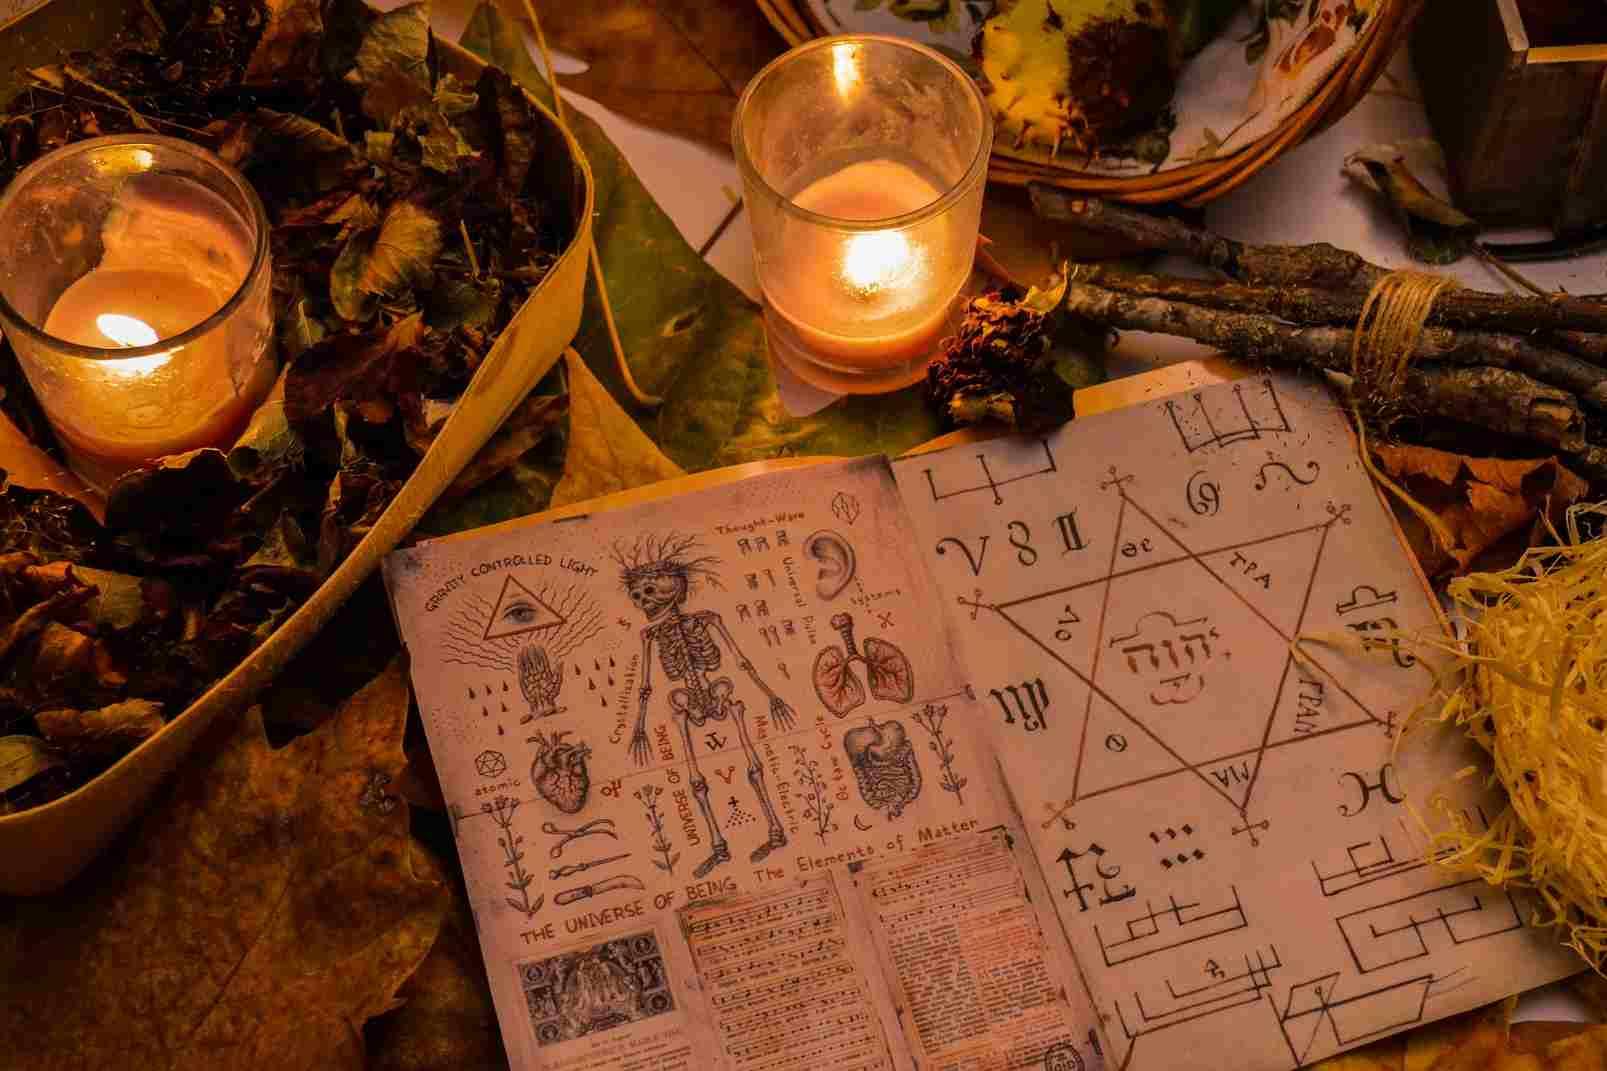 Un libro de hechizos rodeado de plantas y raíces, así como dos velas amarillas